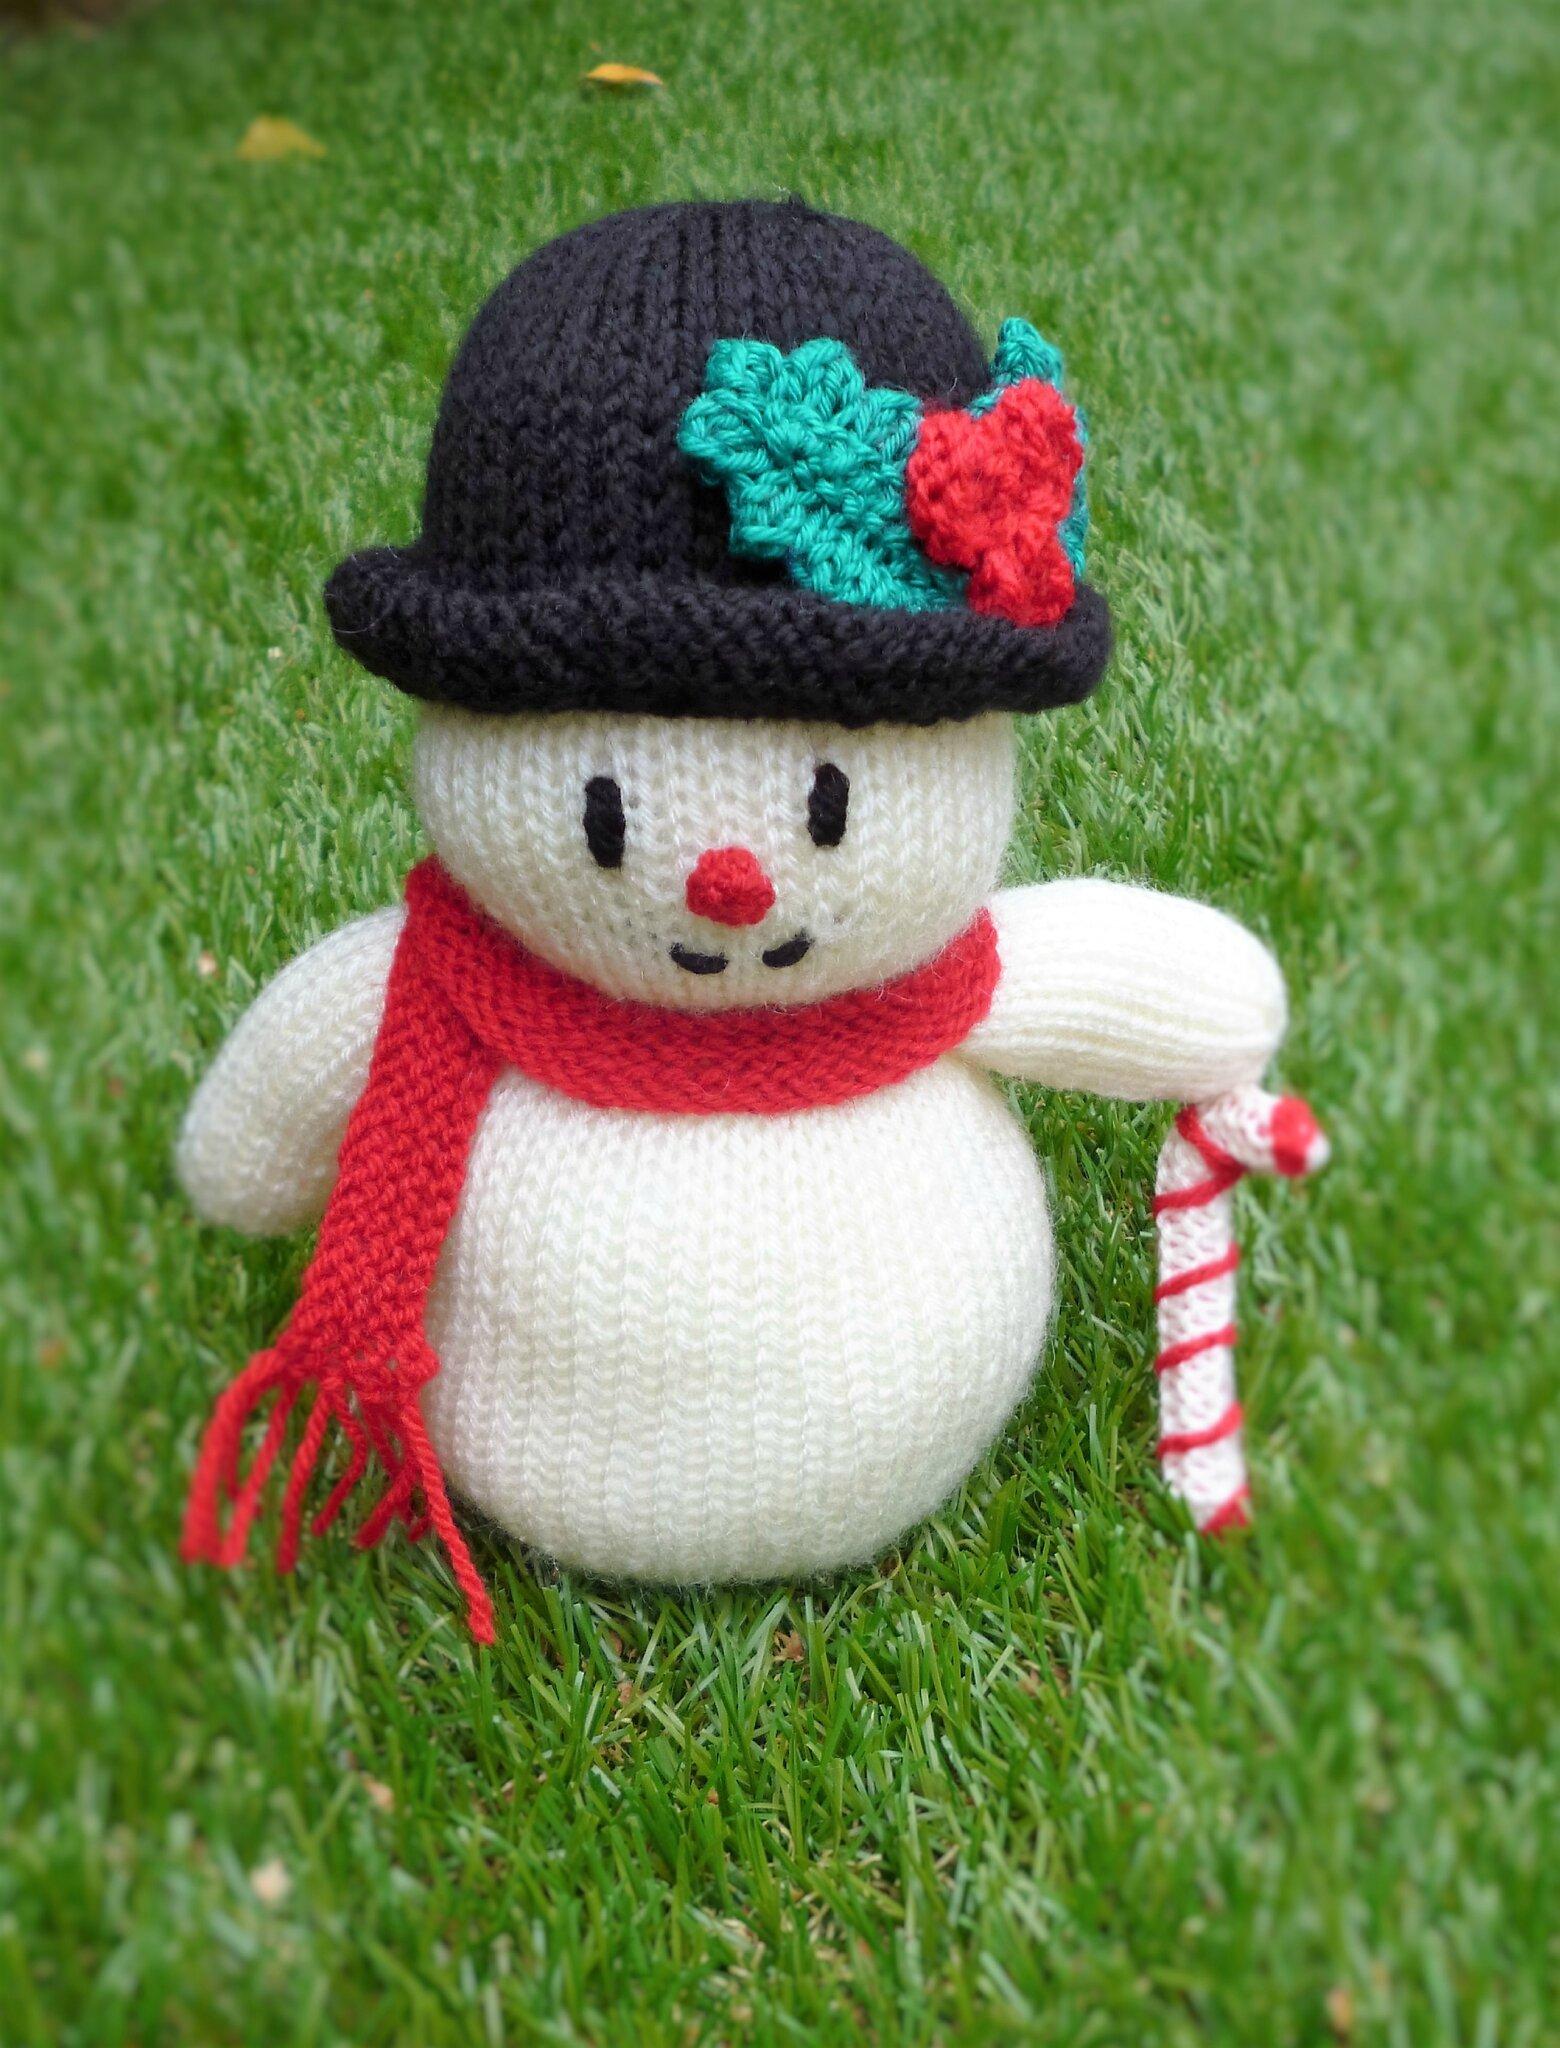 Bonhomme de neige mes petites activit s - Bonhomme de neige en laine ...